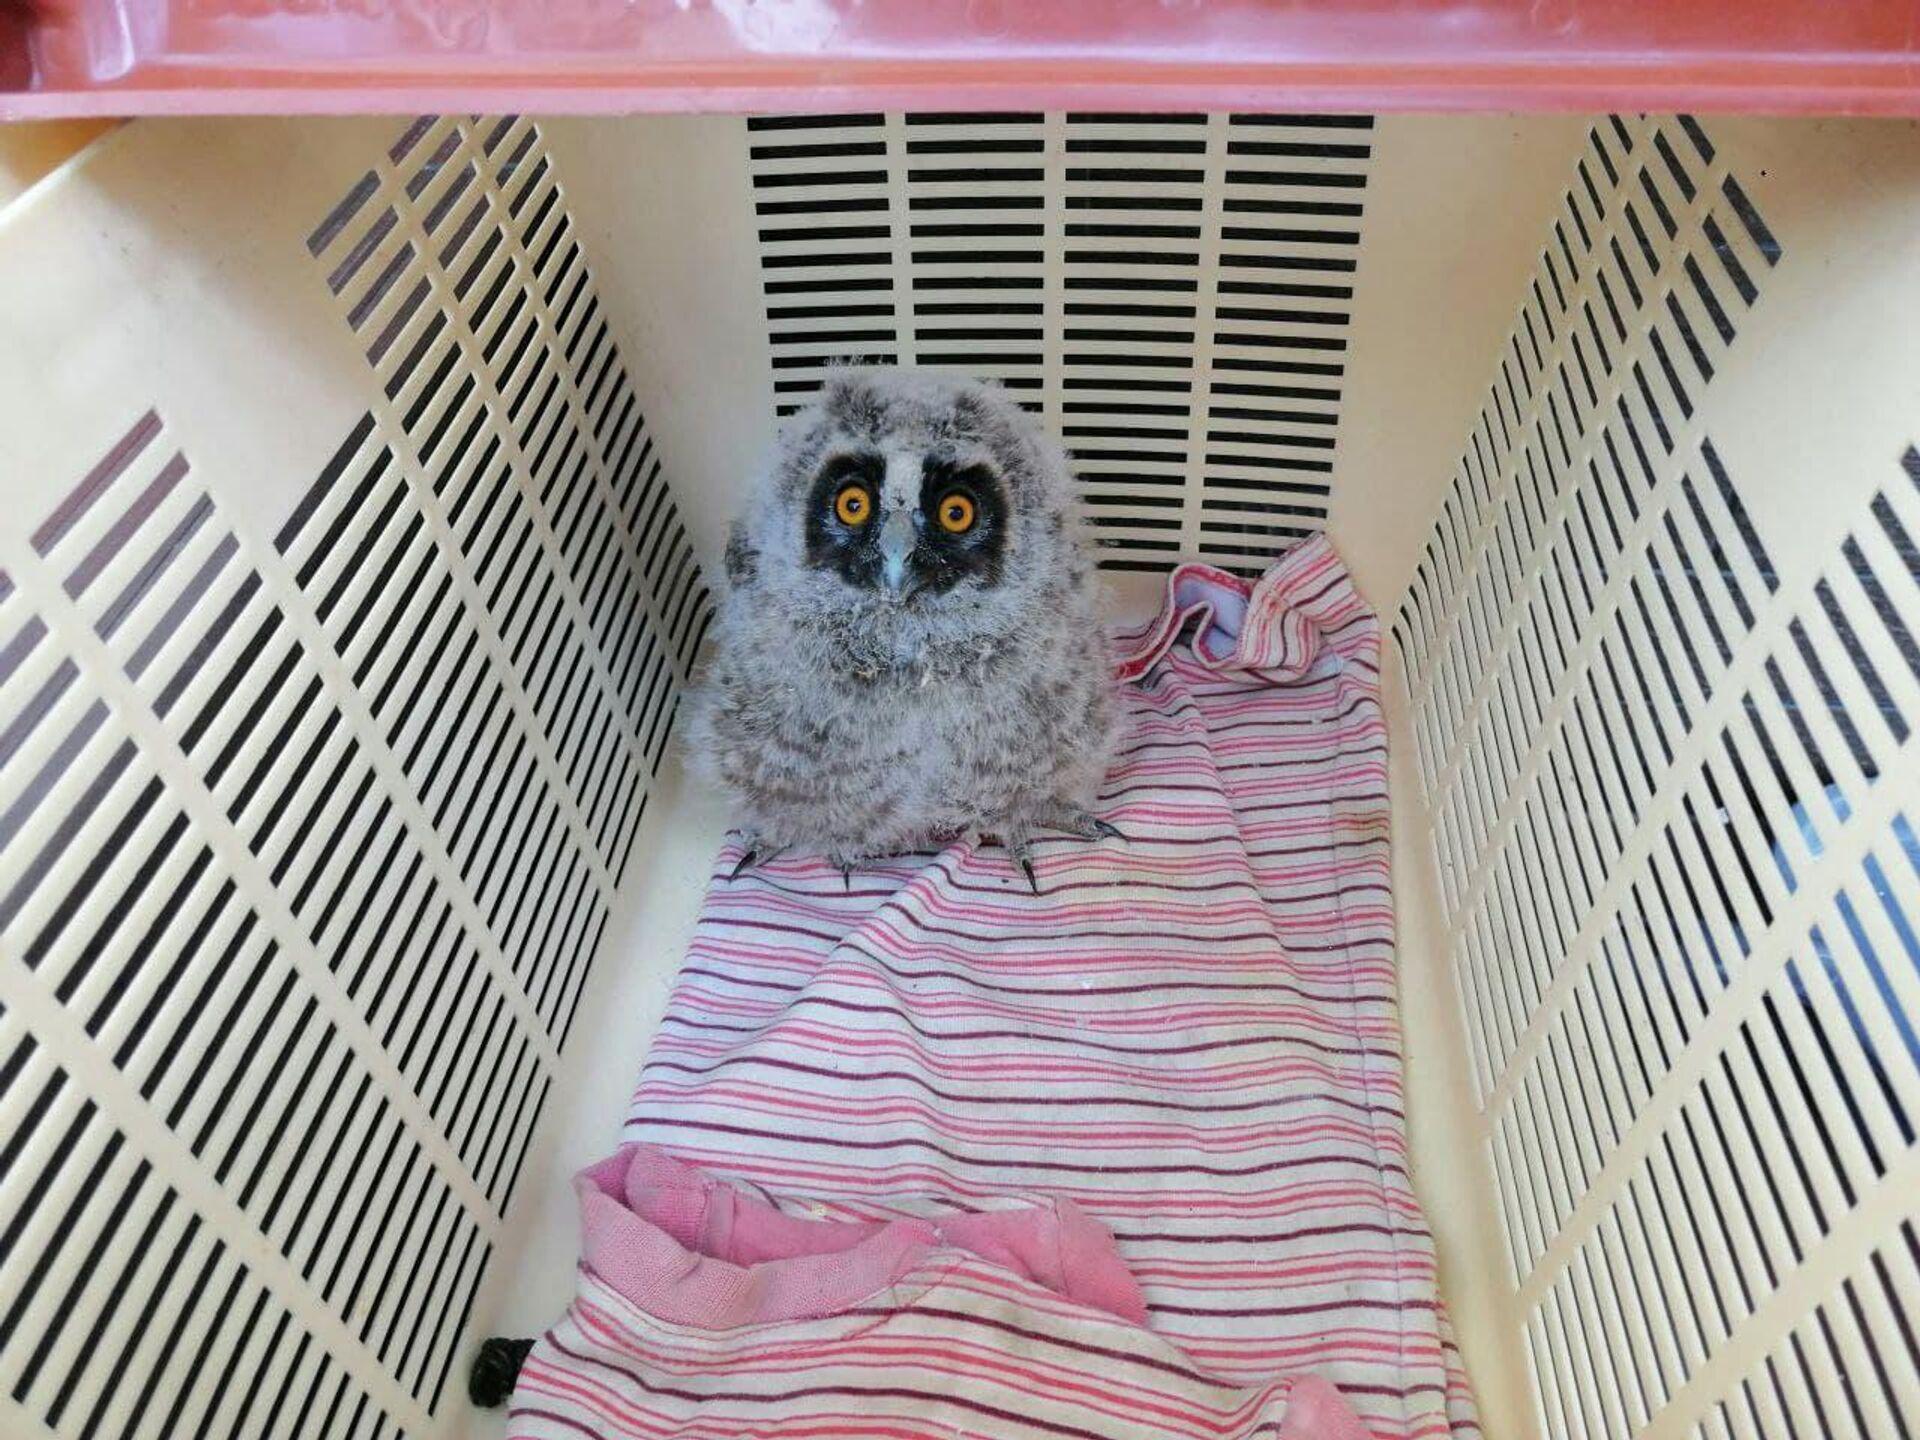 За полторы недели, которые птенцы провели за пределами родного гнезда, они подросли - Sputnik Беларусь, 1920, 29.07.2021